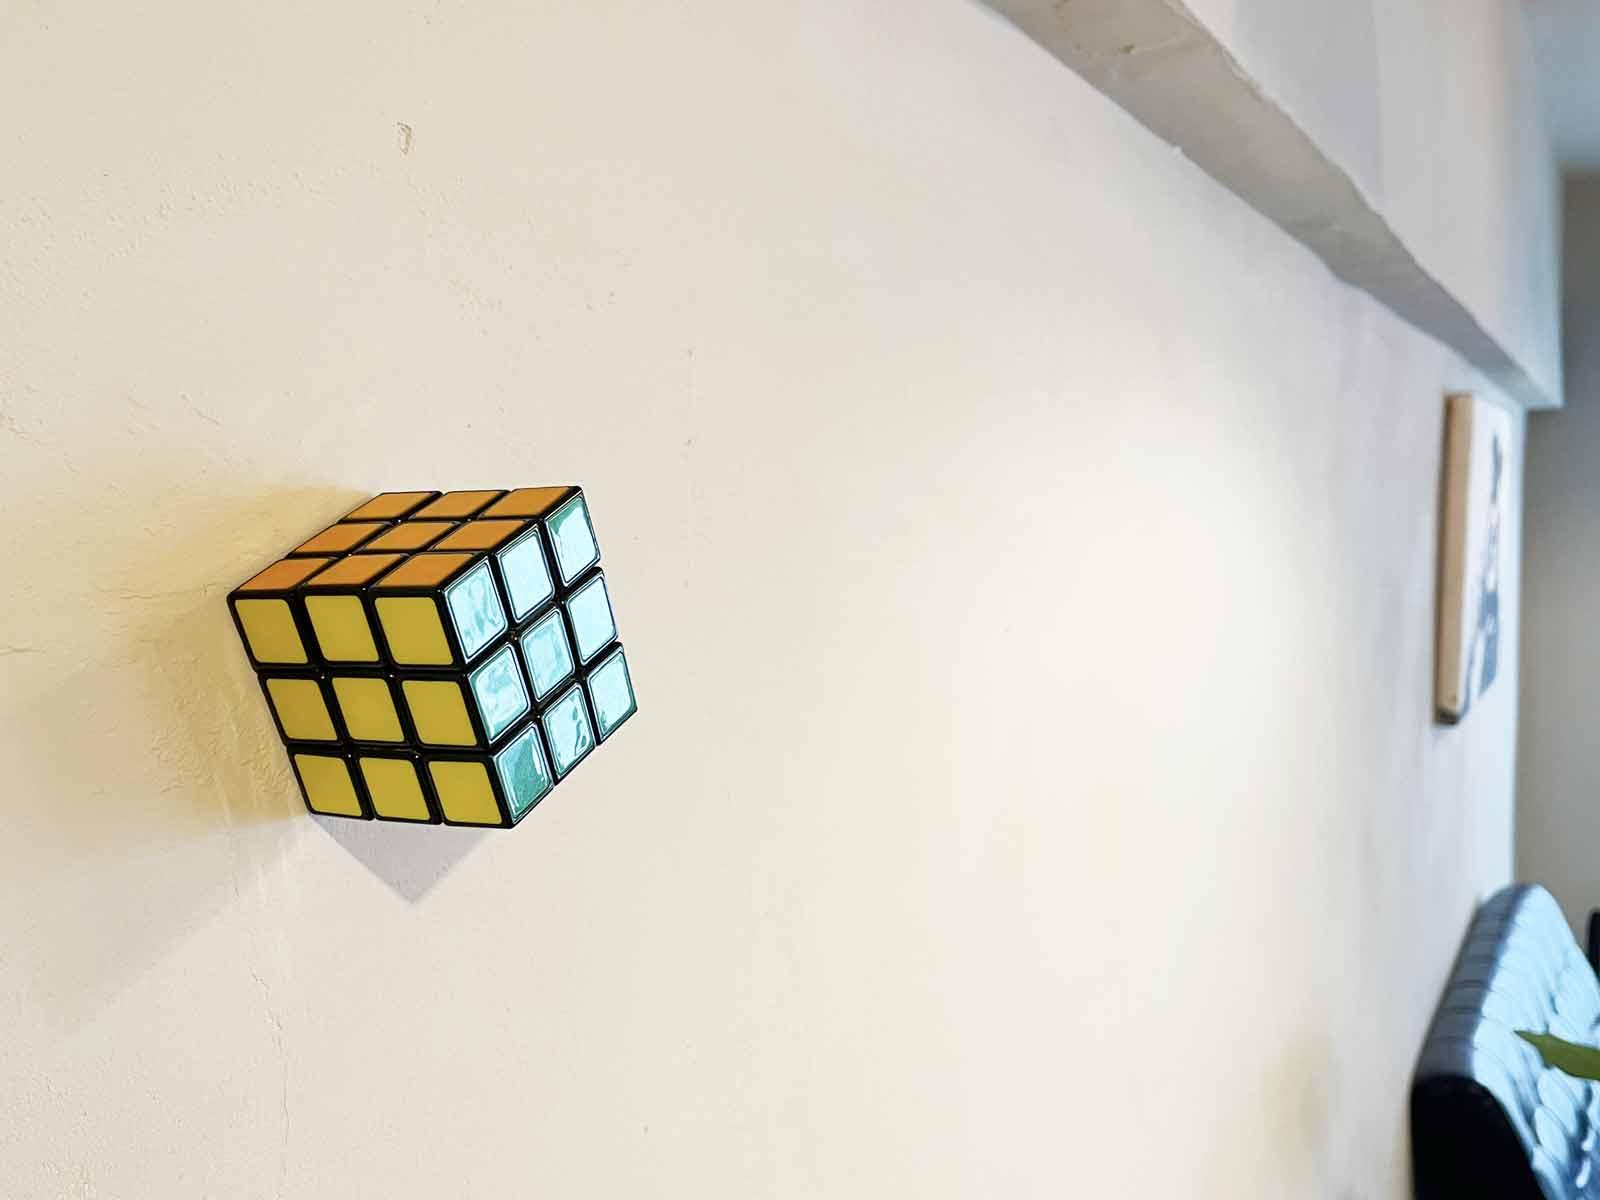 ルービックキューブをマグネットで壁に貼り付けている